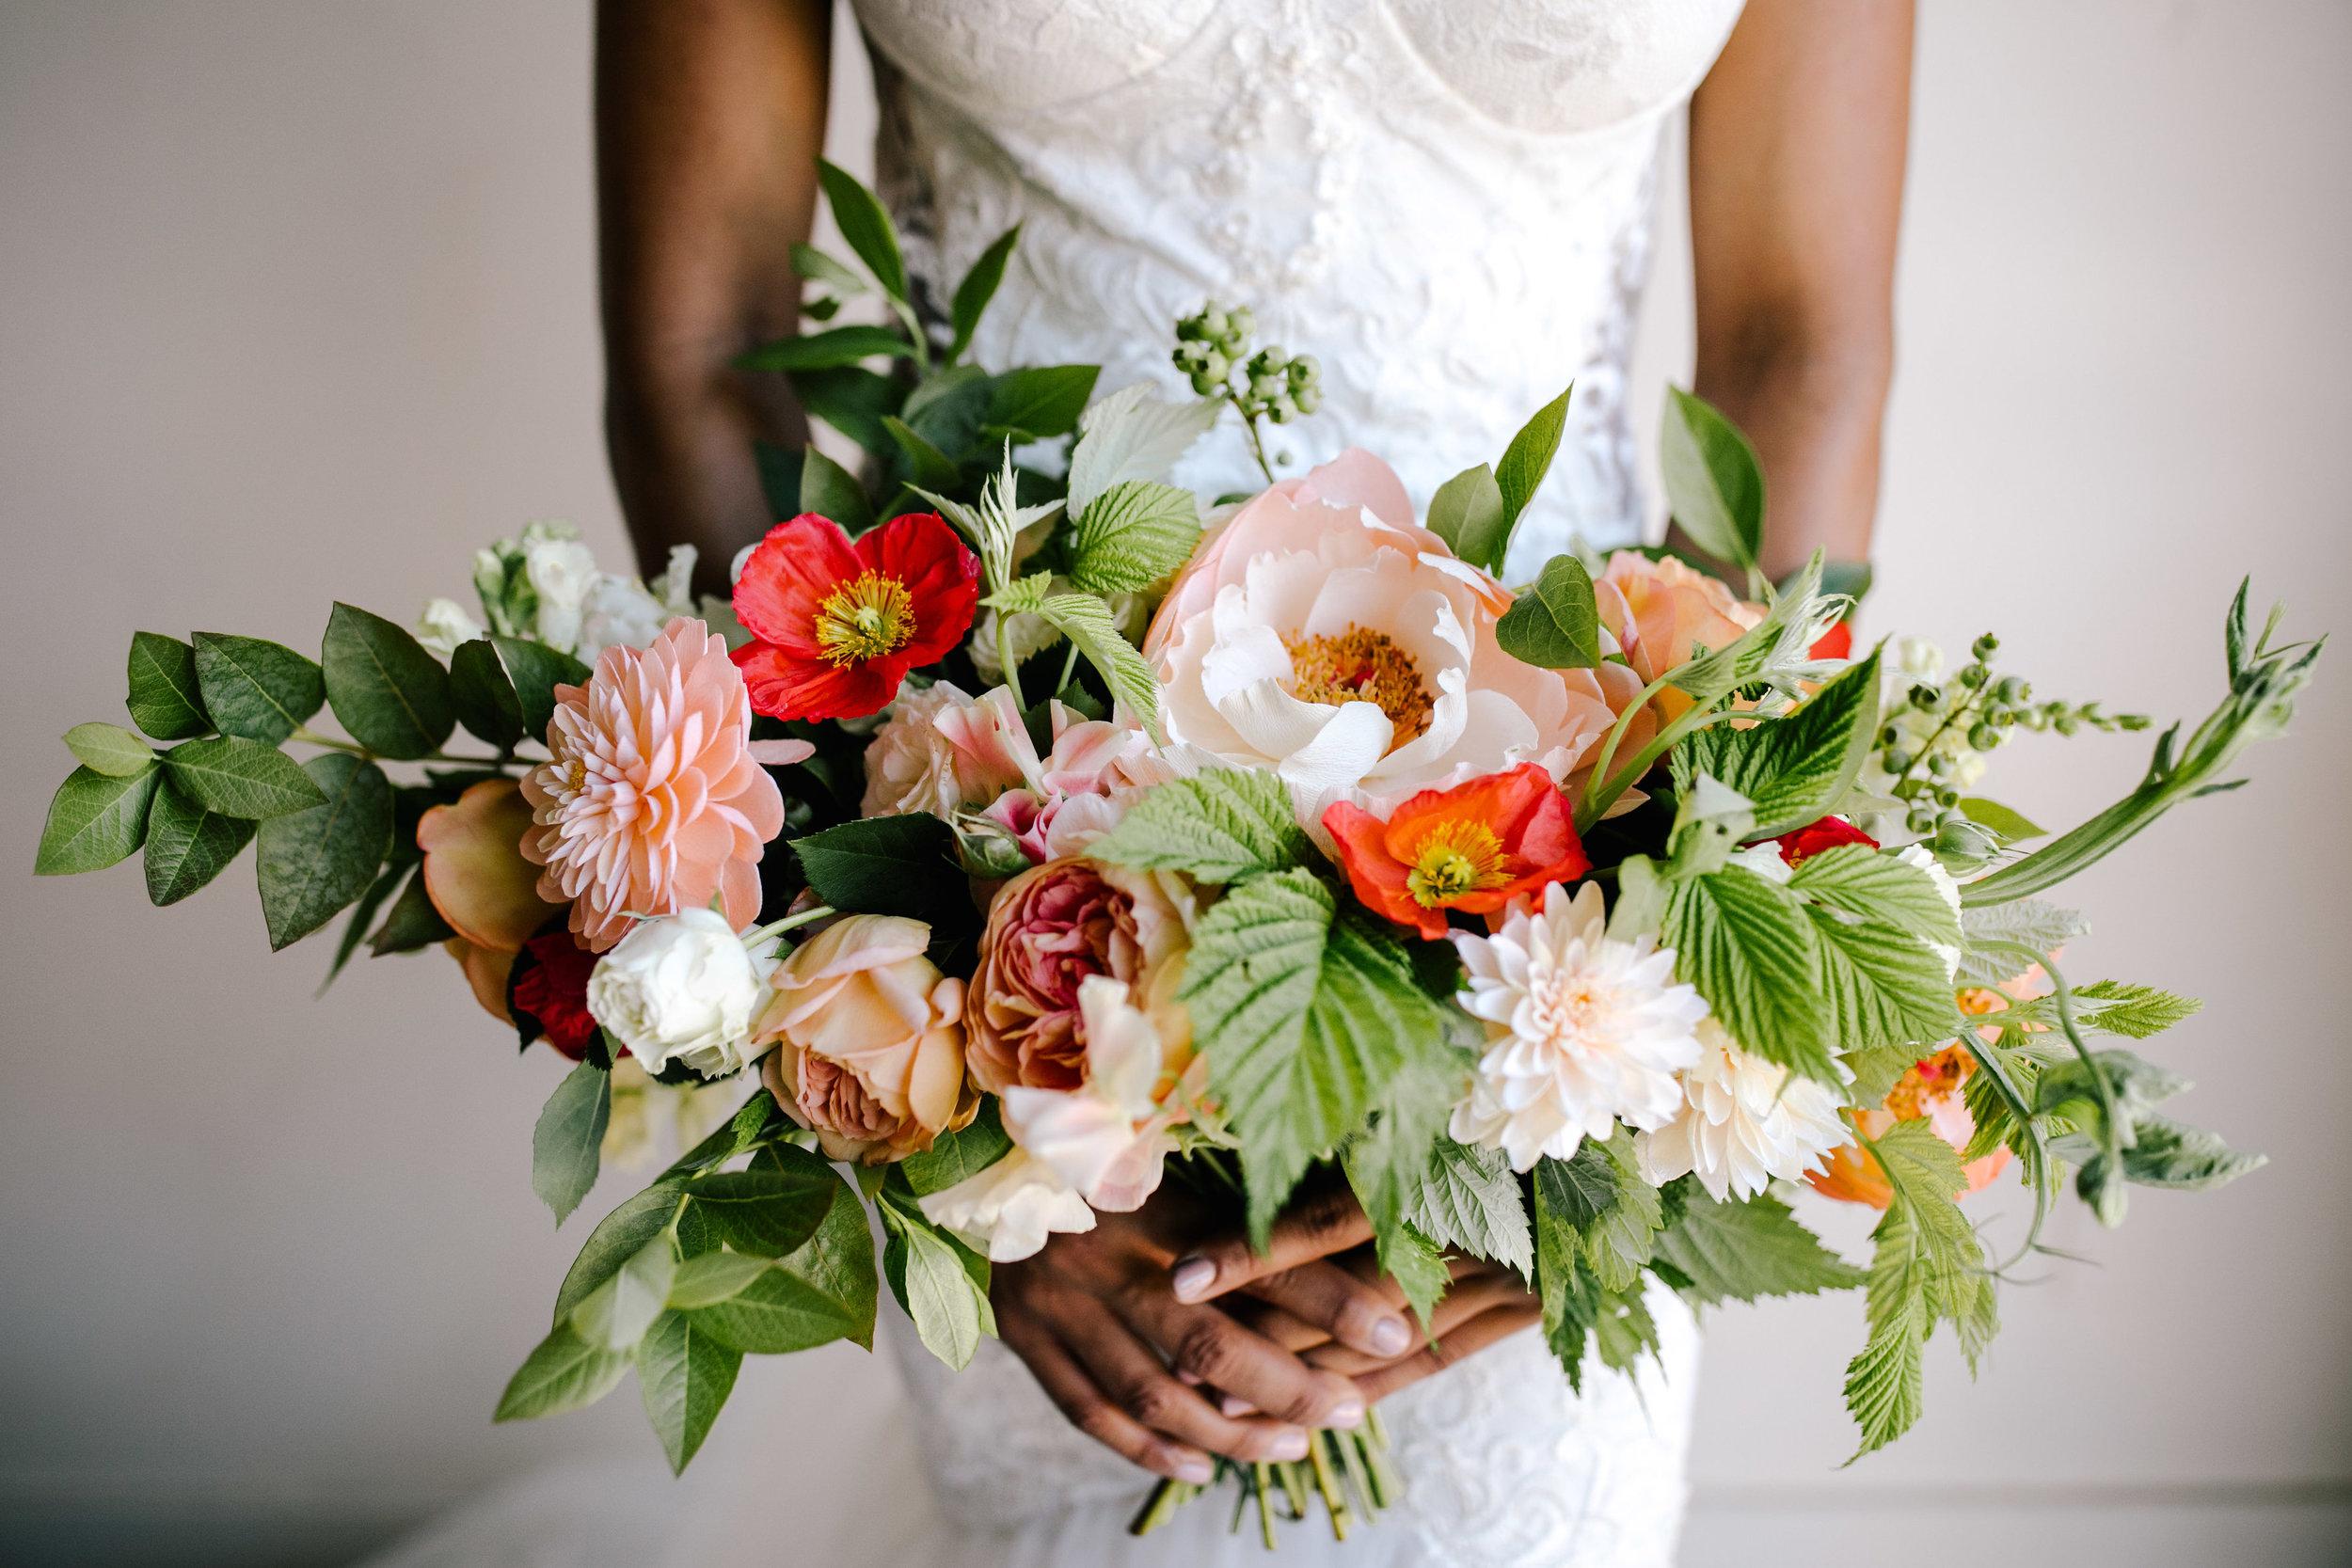 kellylemonphotography_Floral_styledshoot_sneakpeeks-7.jpg